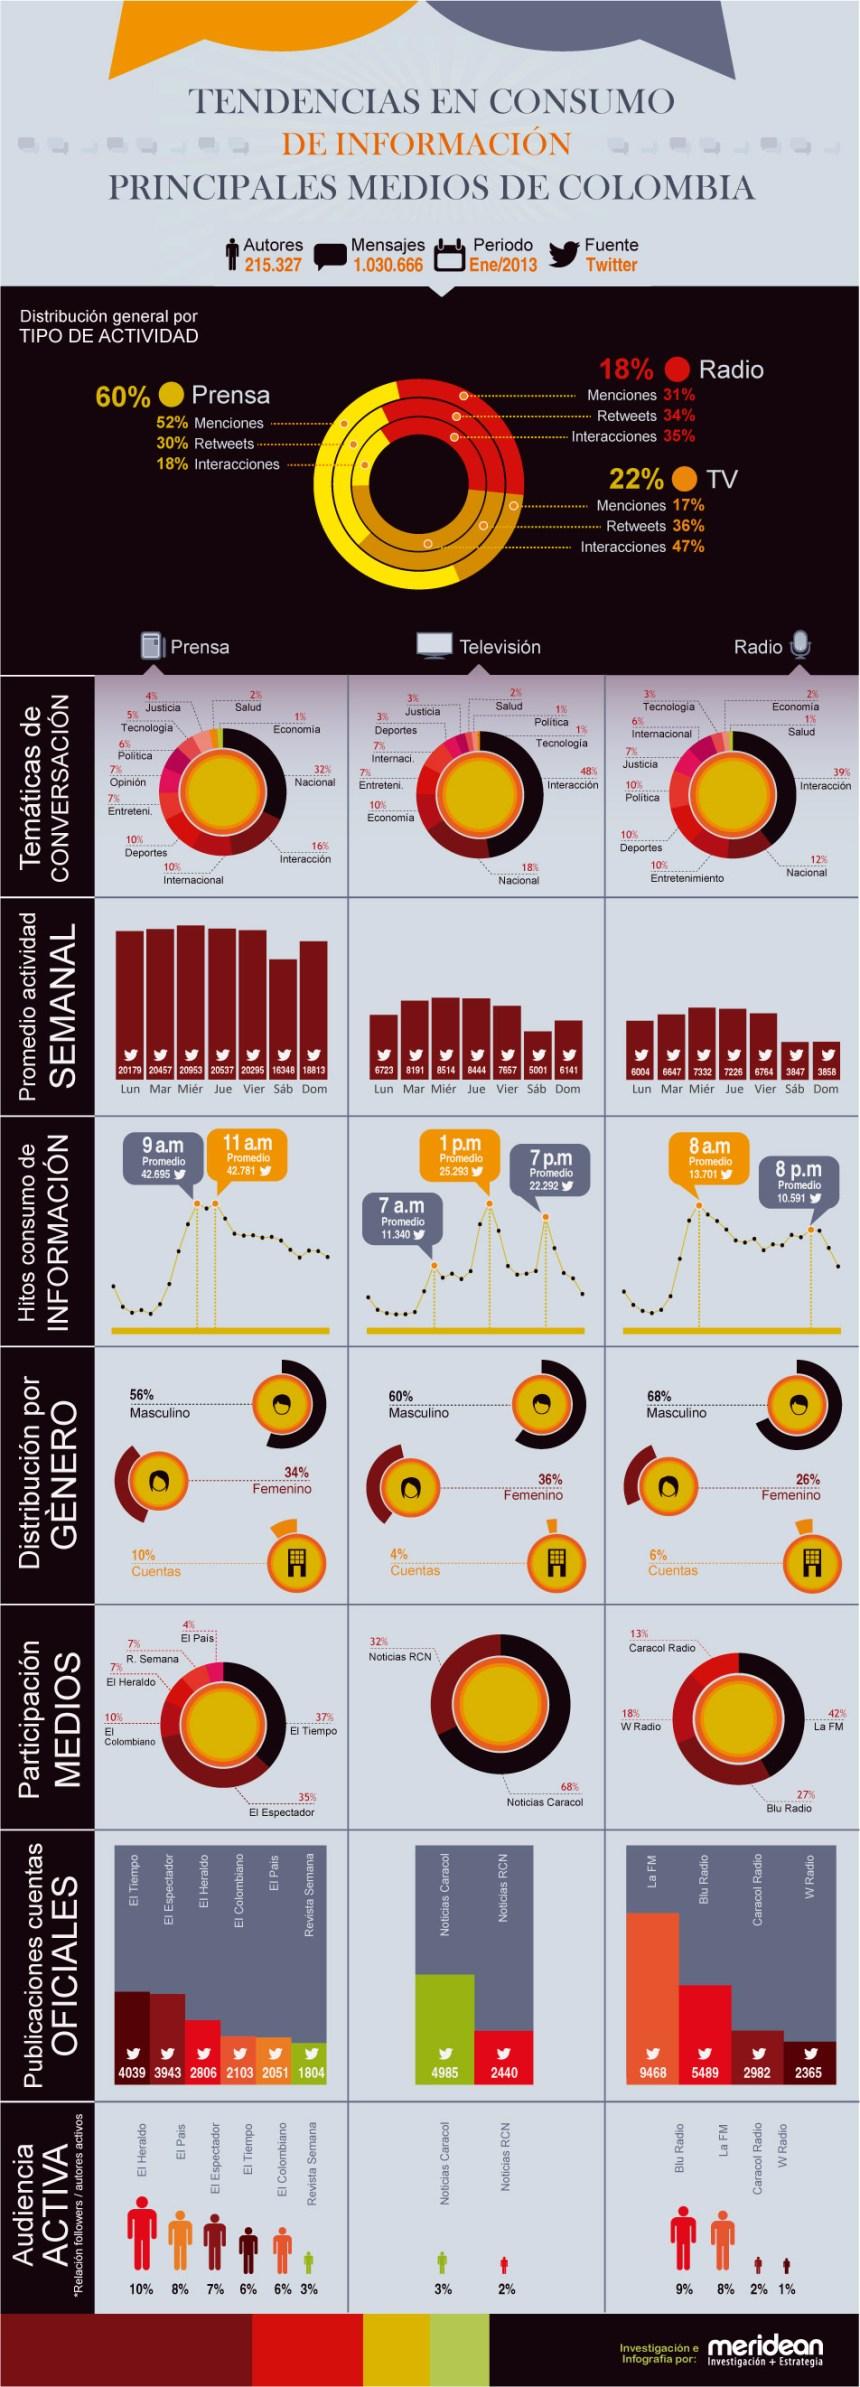 Consumo de información en Colombia